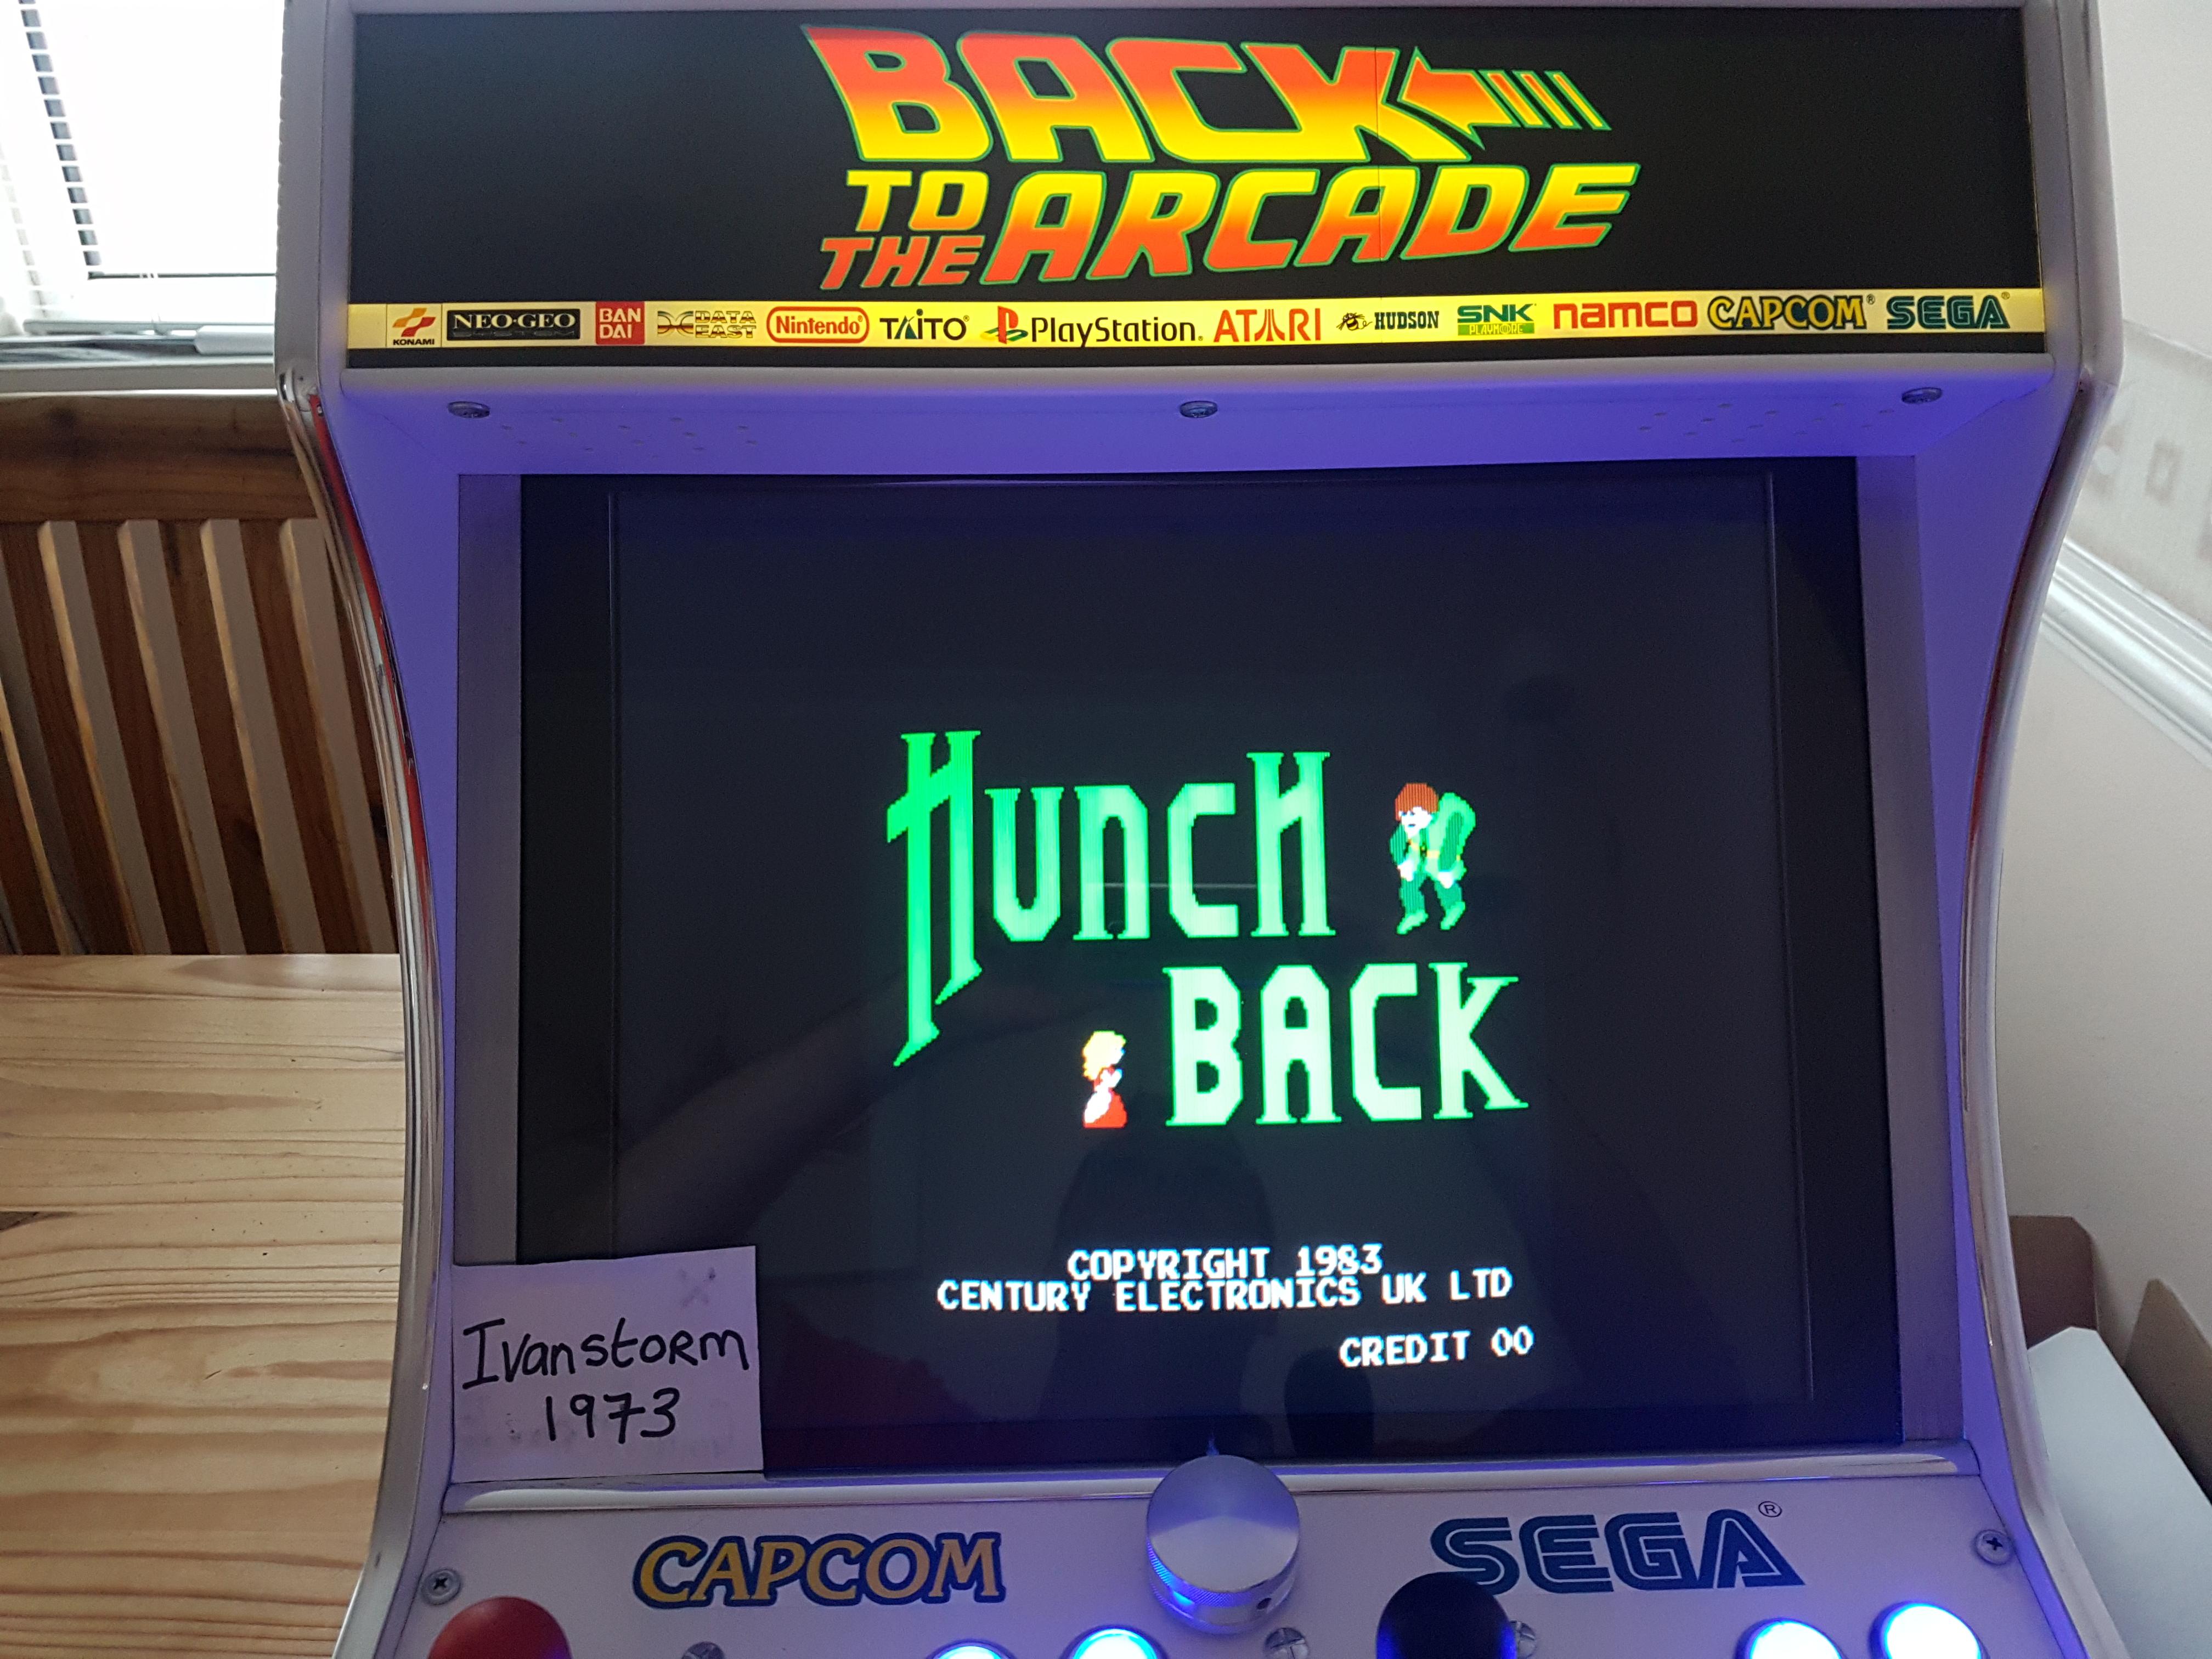 Ivanstorm1973: Hunchback [hunchbak] (Arcade Emulated / M.A.M.E.) 143,700 points on 2017-11-19 09:02:32